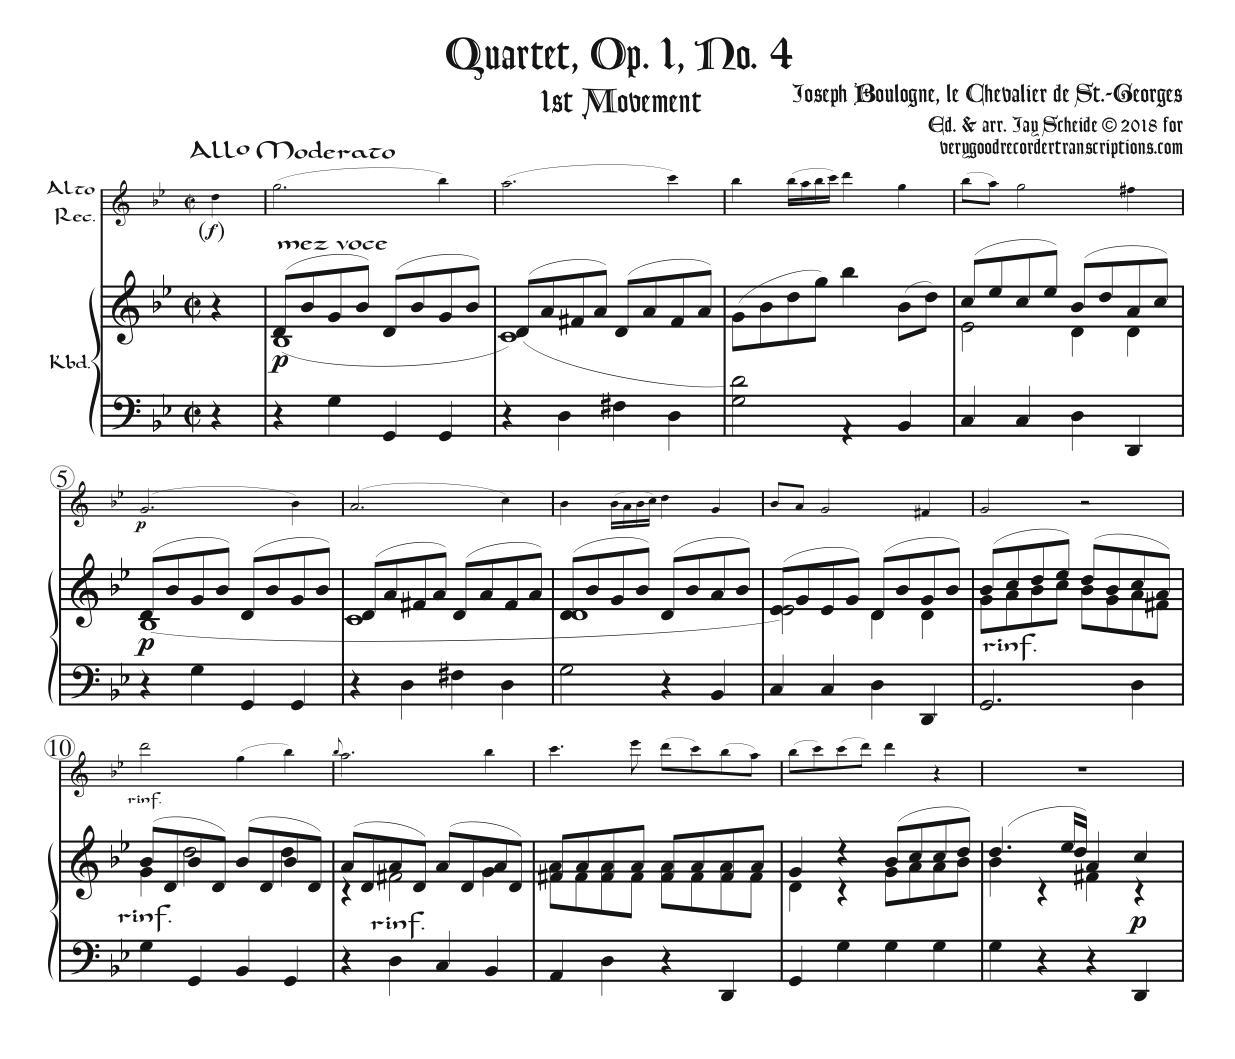 Quartet, Op. 1, No. 4